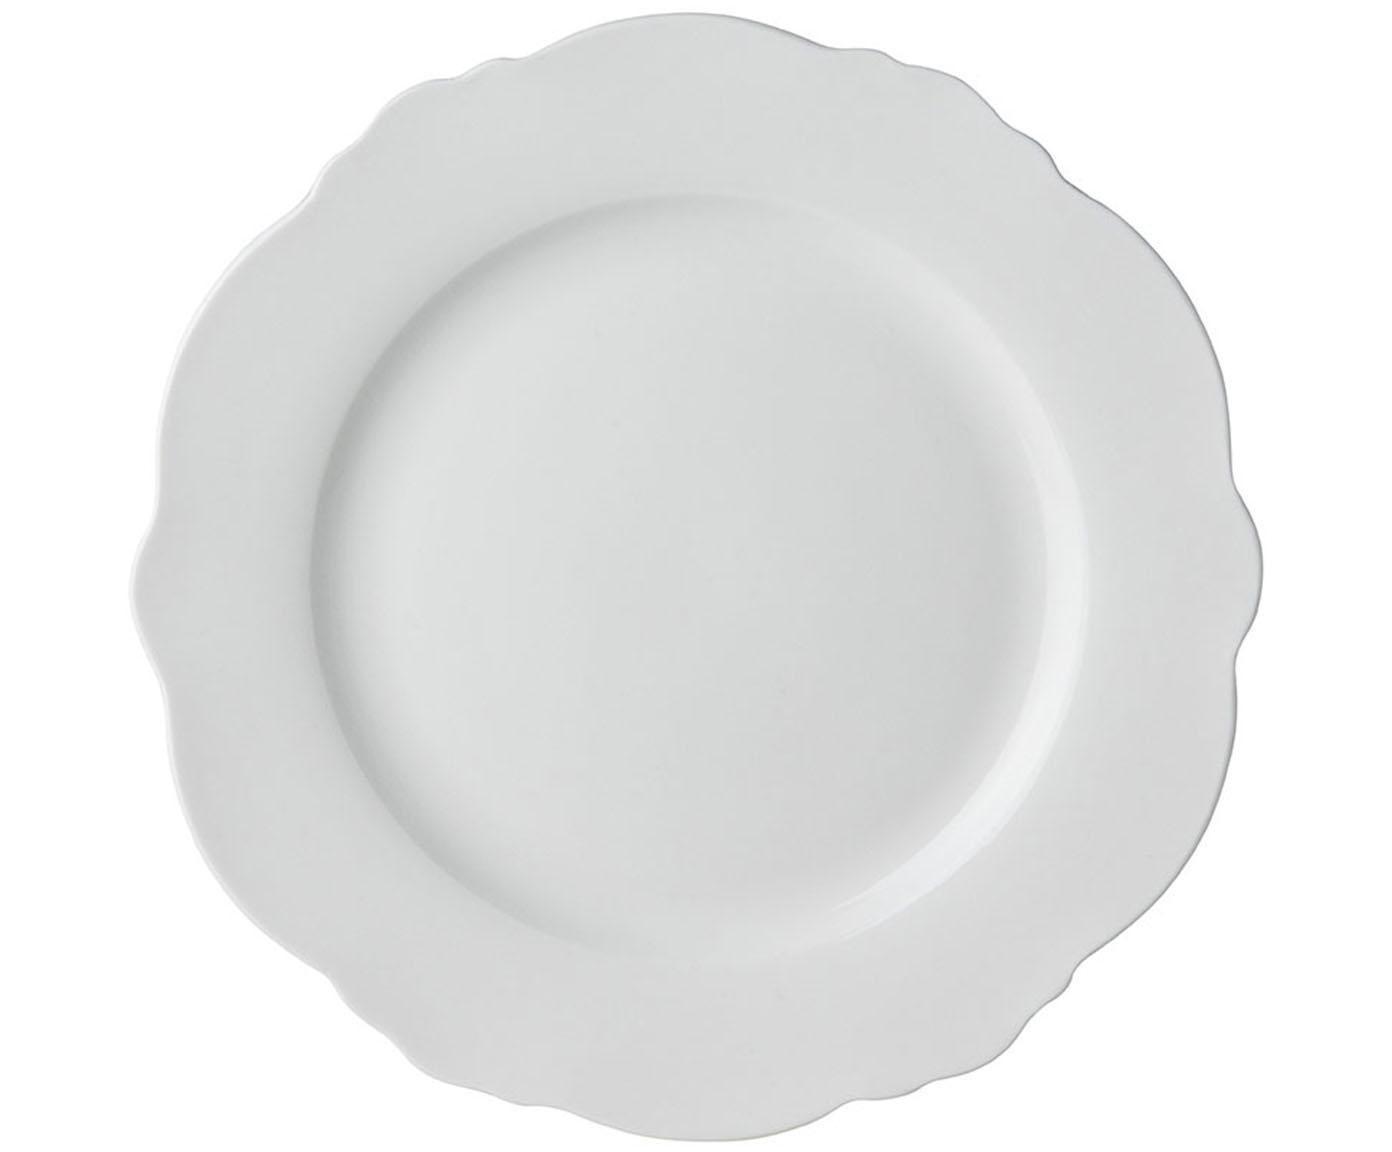 Ontbijtborden Muschel Loft, 4 stuks, Porselein, Wit, Ø 21 x H 2 cm